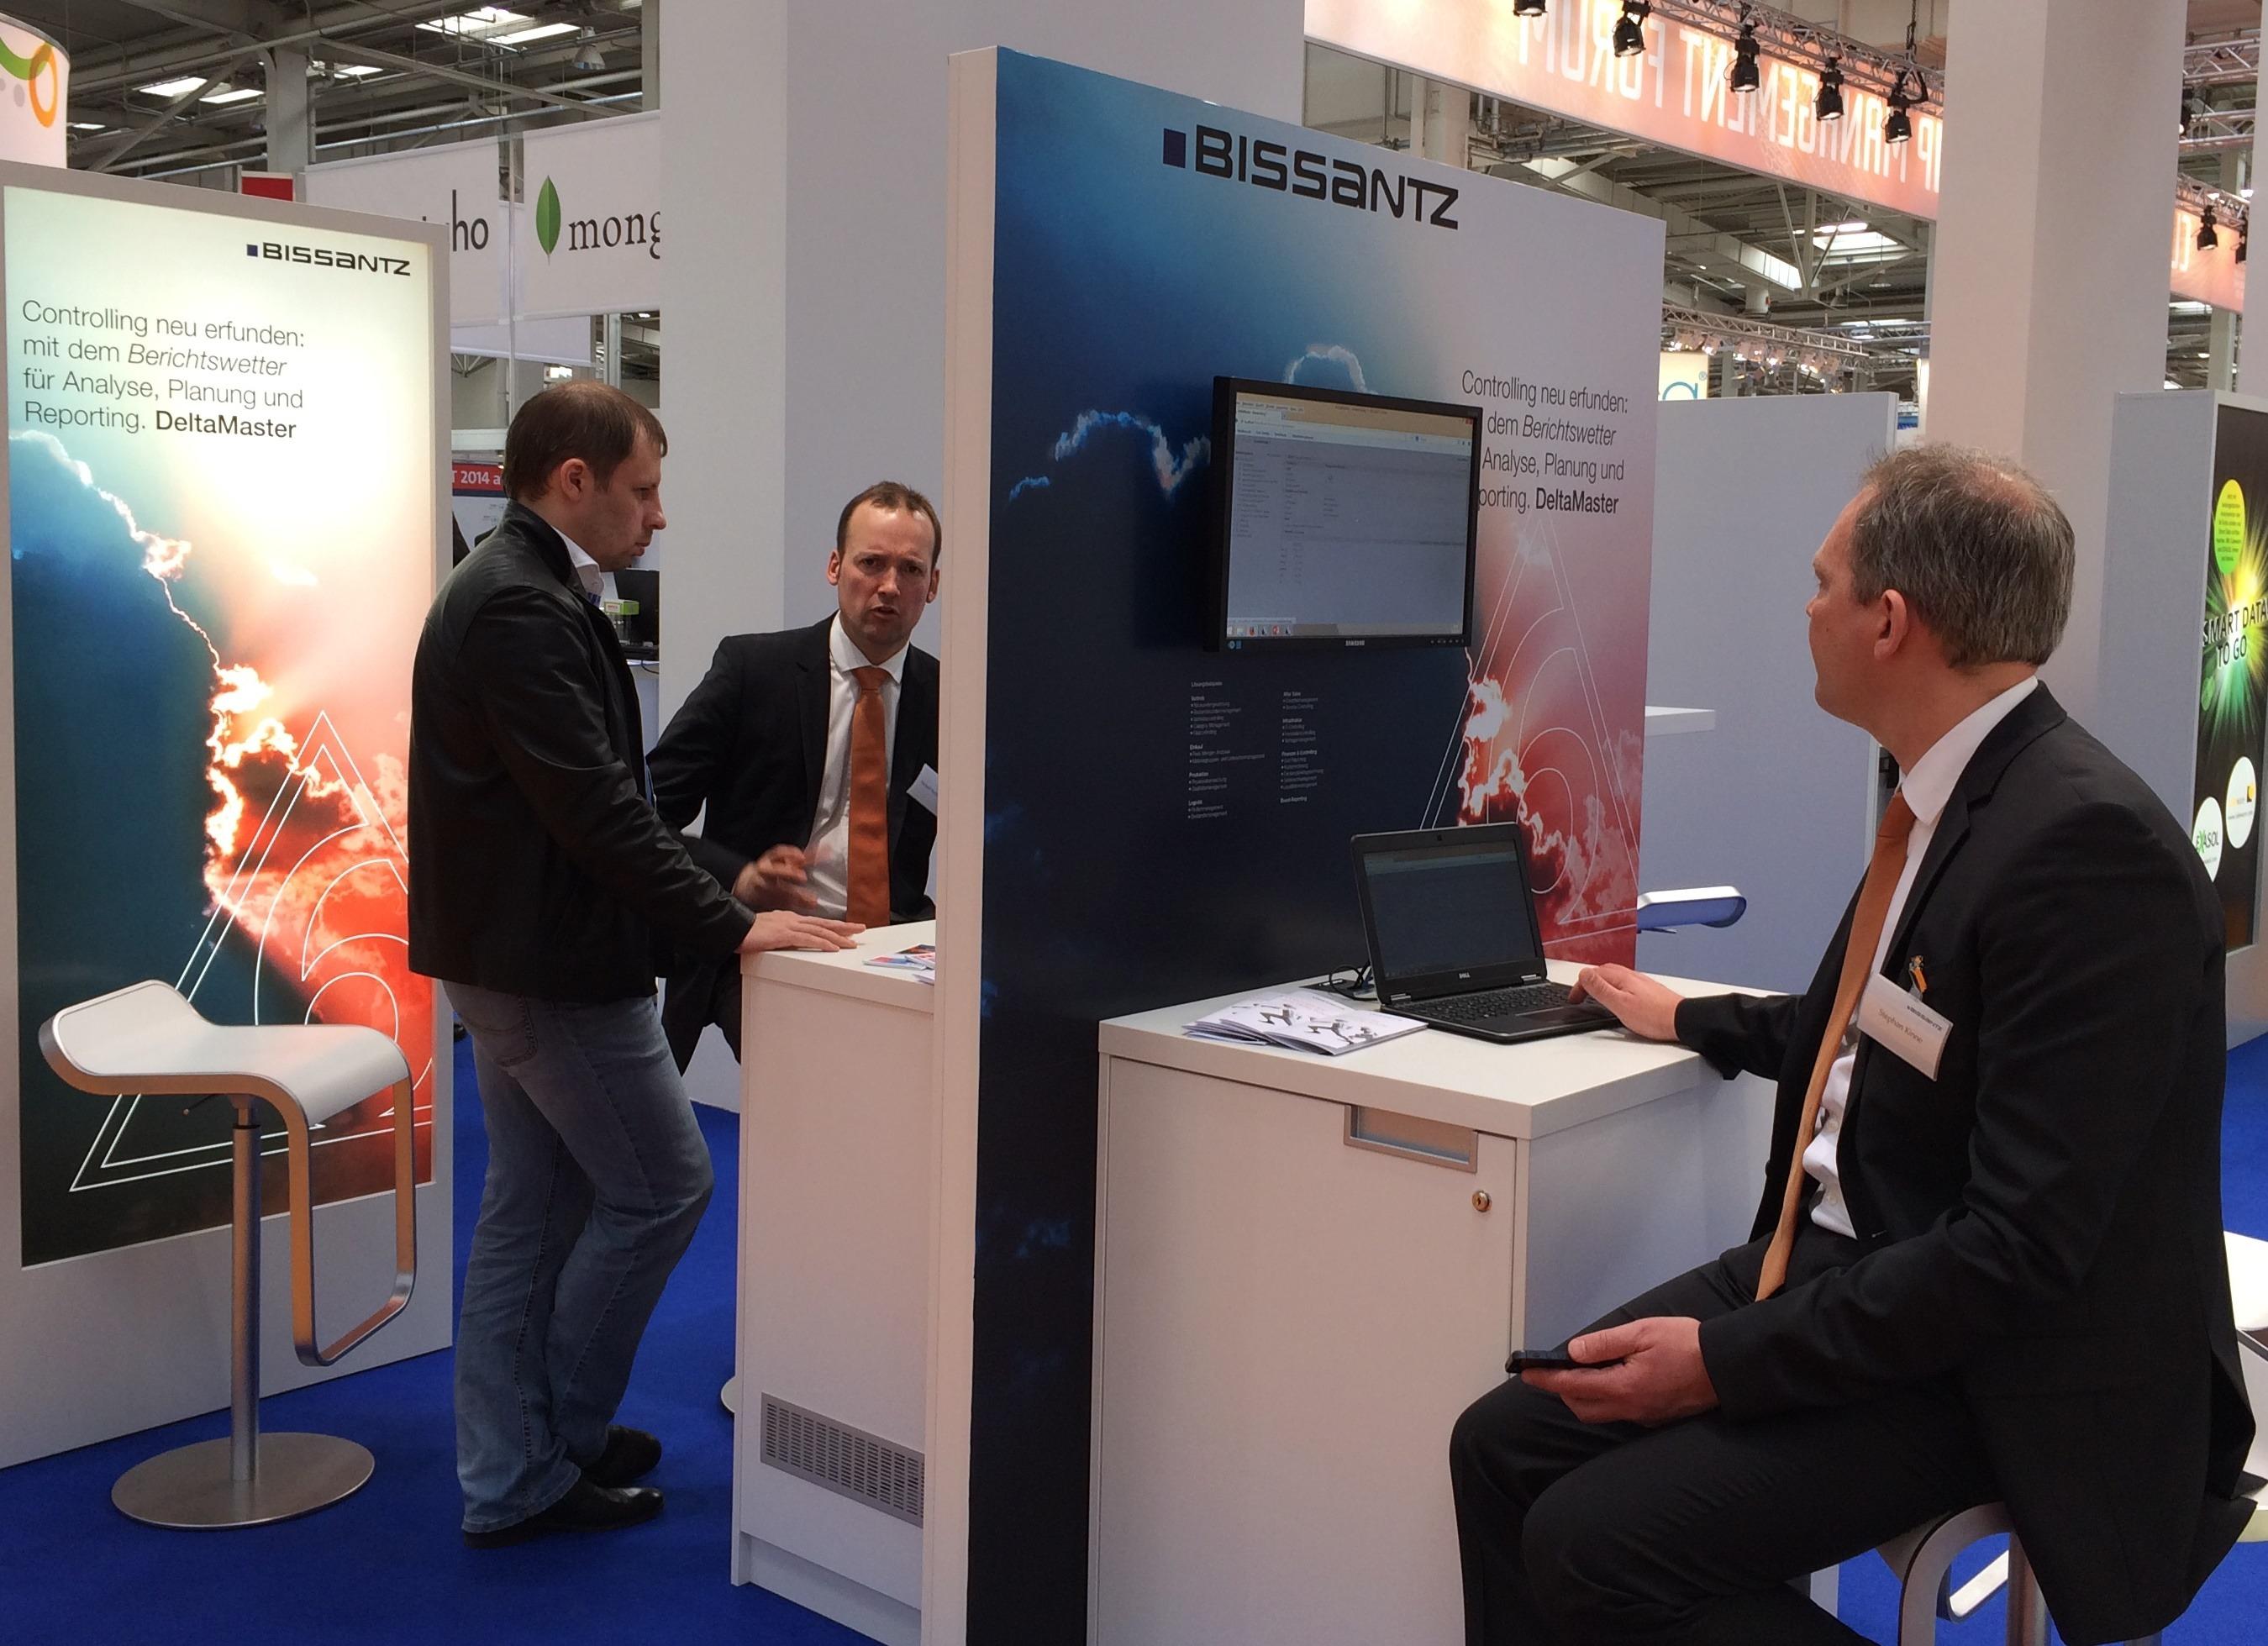 Cebit Hannover 2014: Bissantz stellt die neue Generation von BI-Software DeltaMaster 6 an ihrem Messestand vor